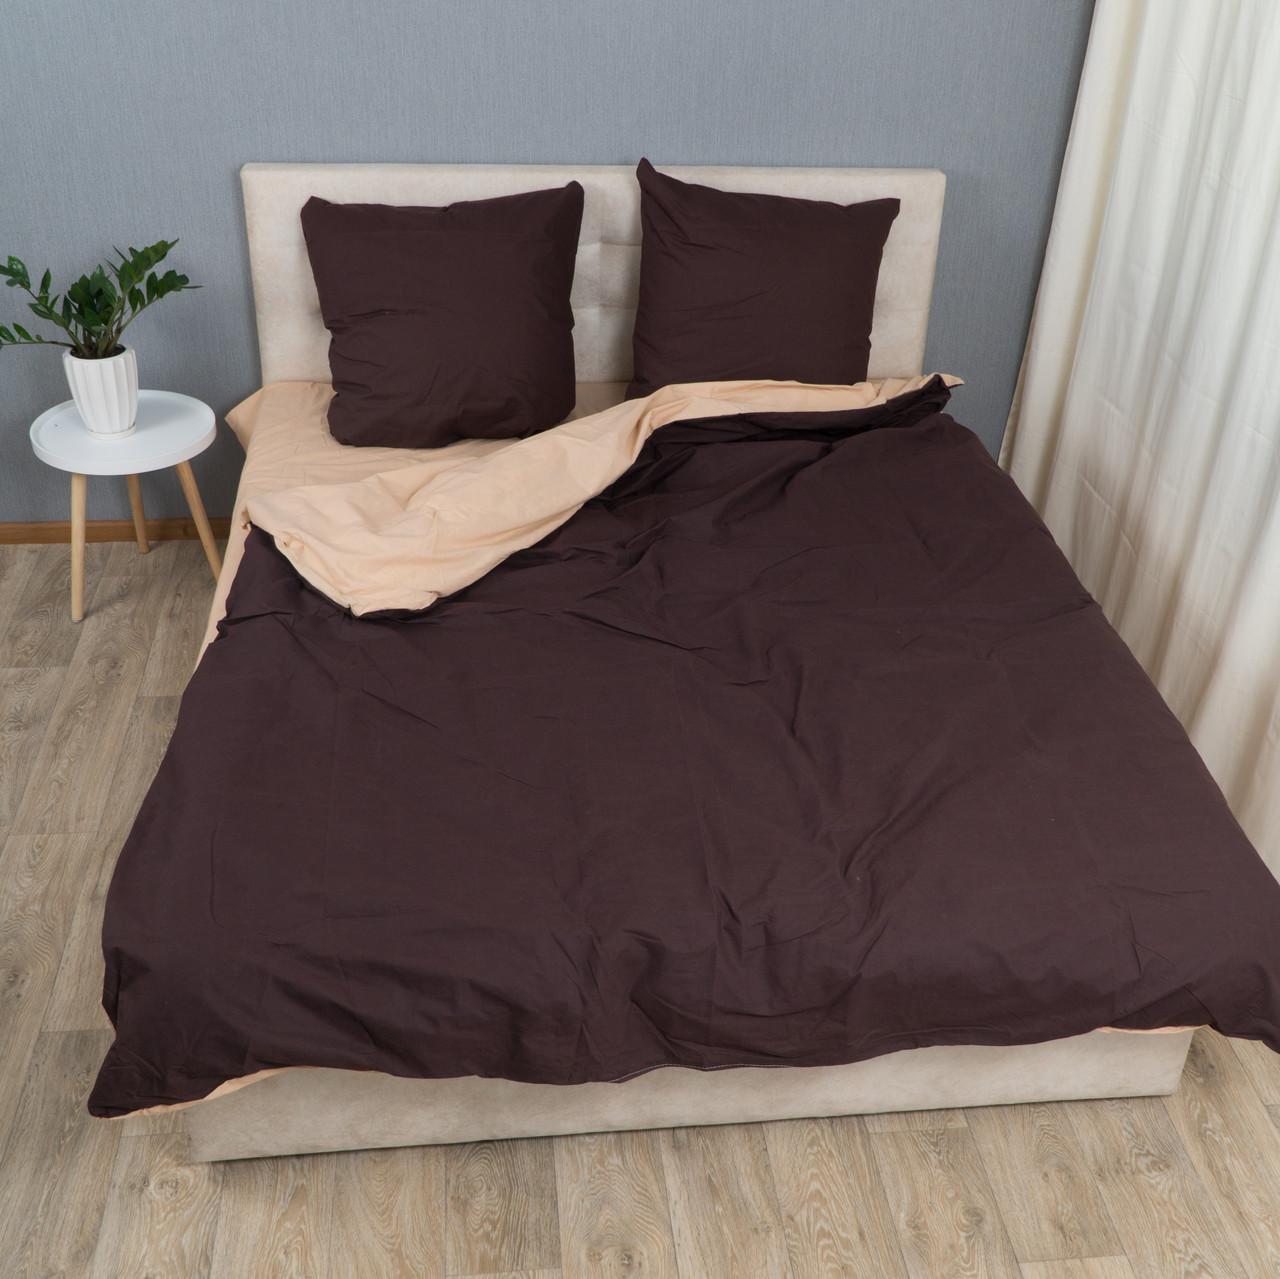 Комплект постельного белья Le Confort «Коричнево-бежевый» 200x220 Бязь